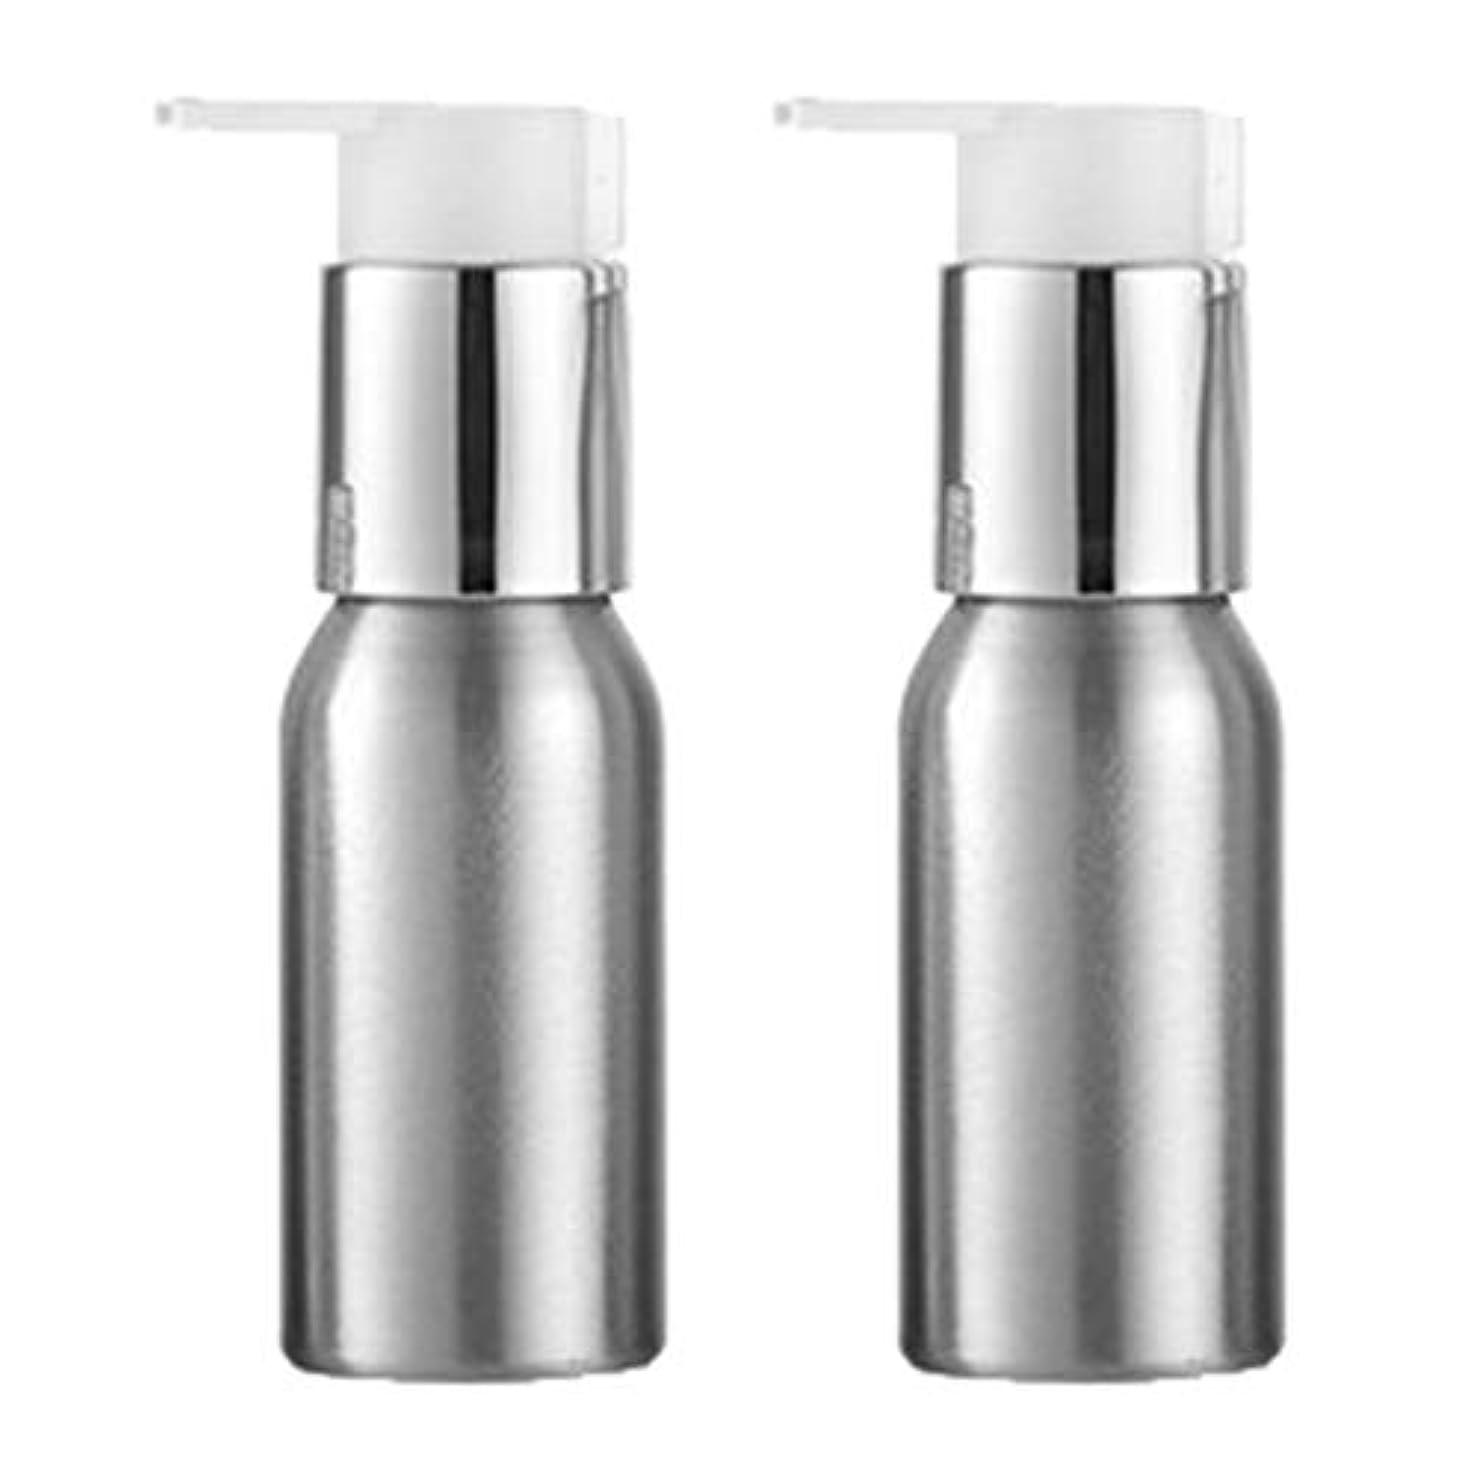 ロシアオプション噴水Injoyo アルミ 詰替えボトル ポンプボトル シャンプーボトル ローションボトル プレスボトル 2個 全6サイズ - 50ml